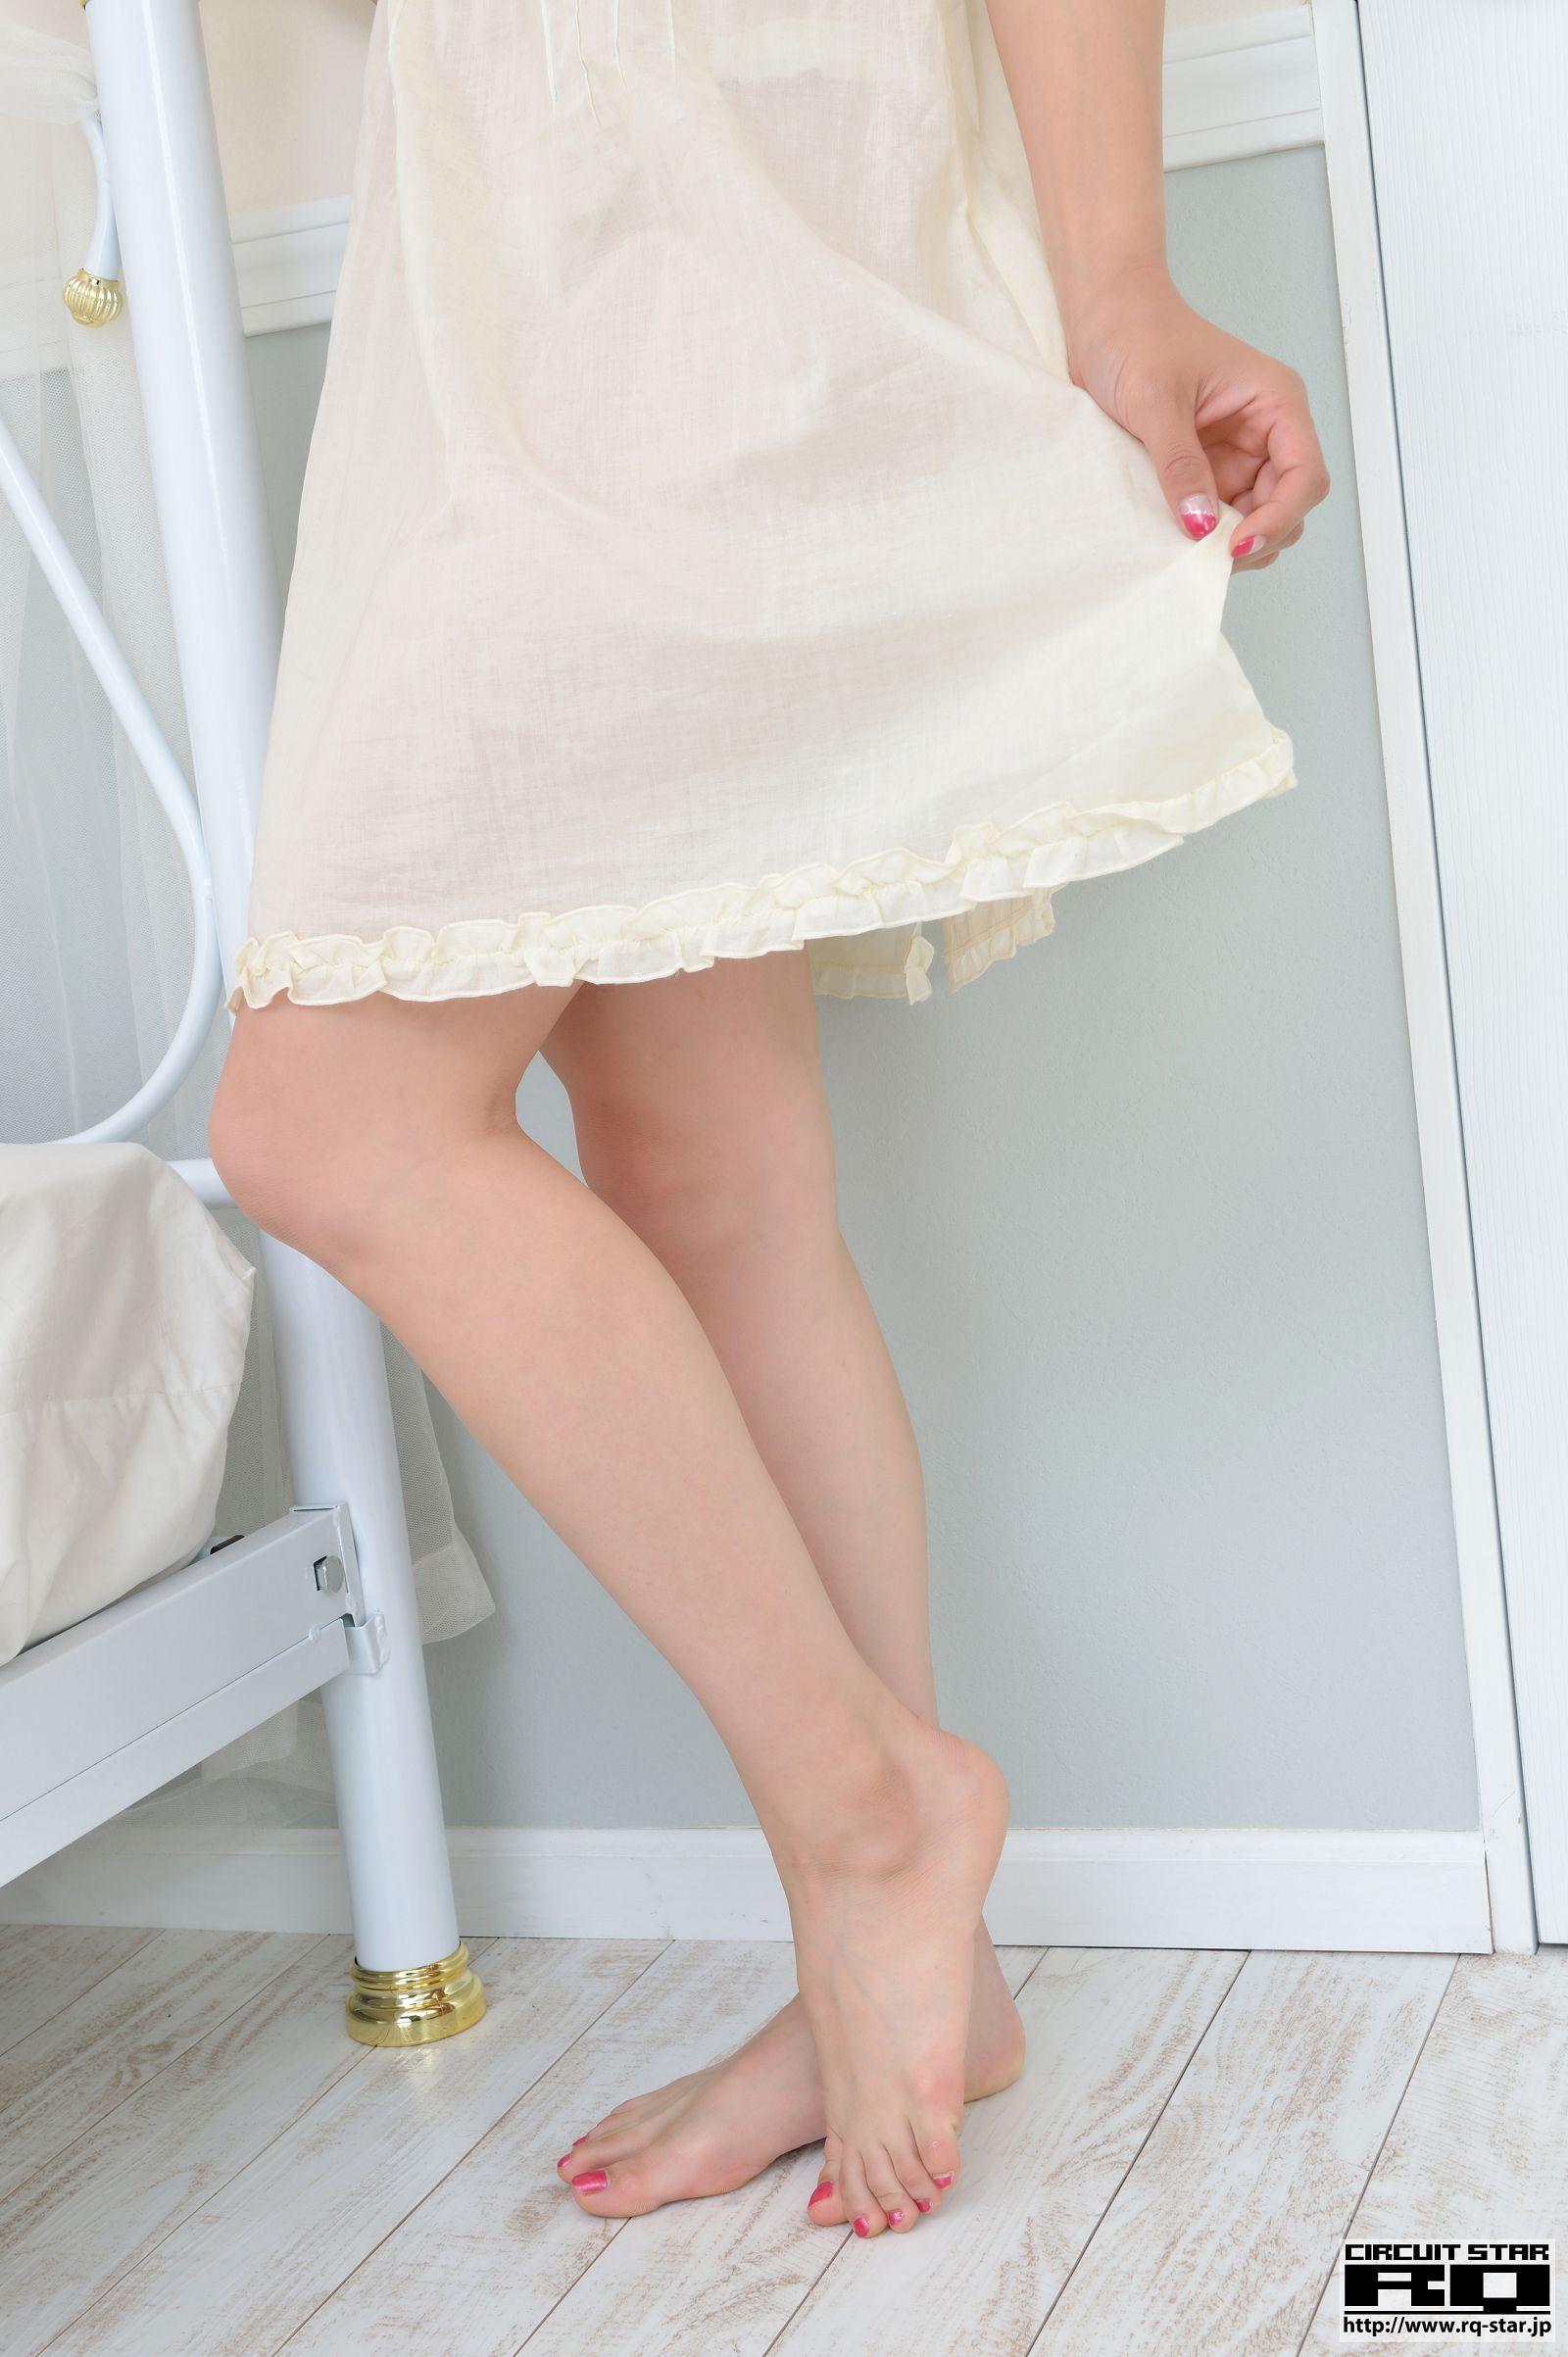 [RQ STAR美女] NO.01021 Rina Itoh いとうりな Camisole[130P] RQ STAR 第1张